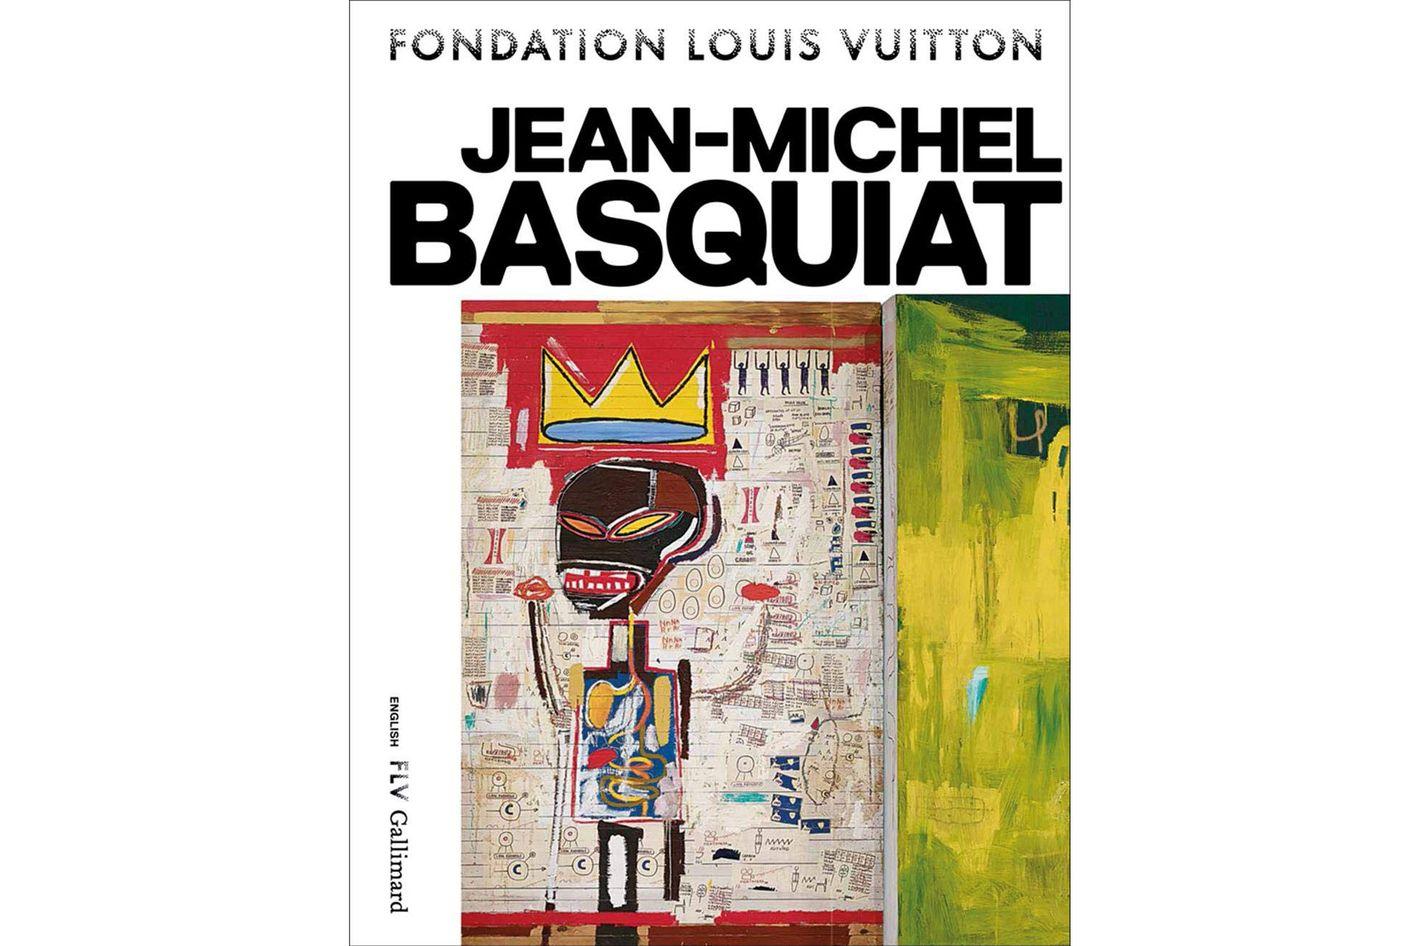 Jean-Michel Basquiat by Hans Werner Holzwarth, Eleanor Nairne